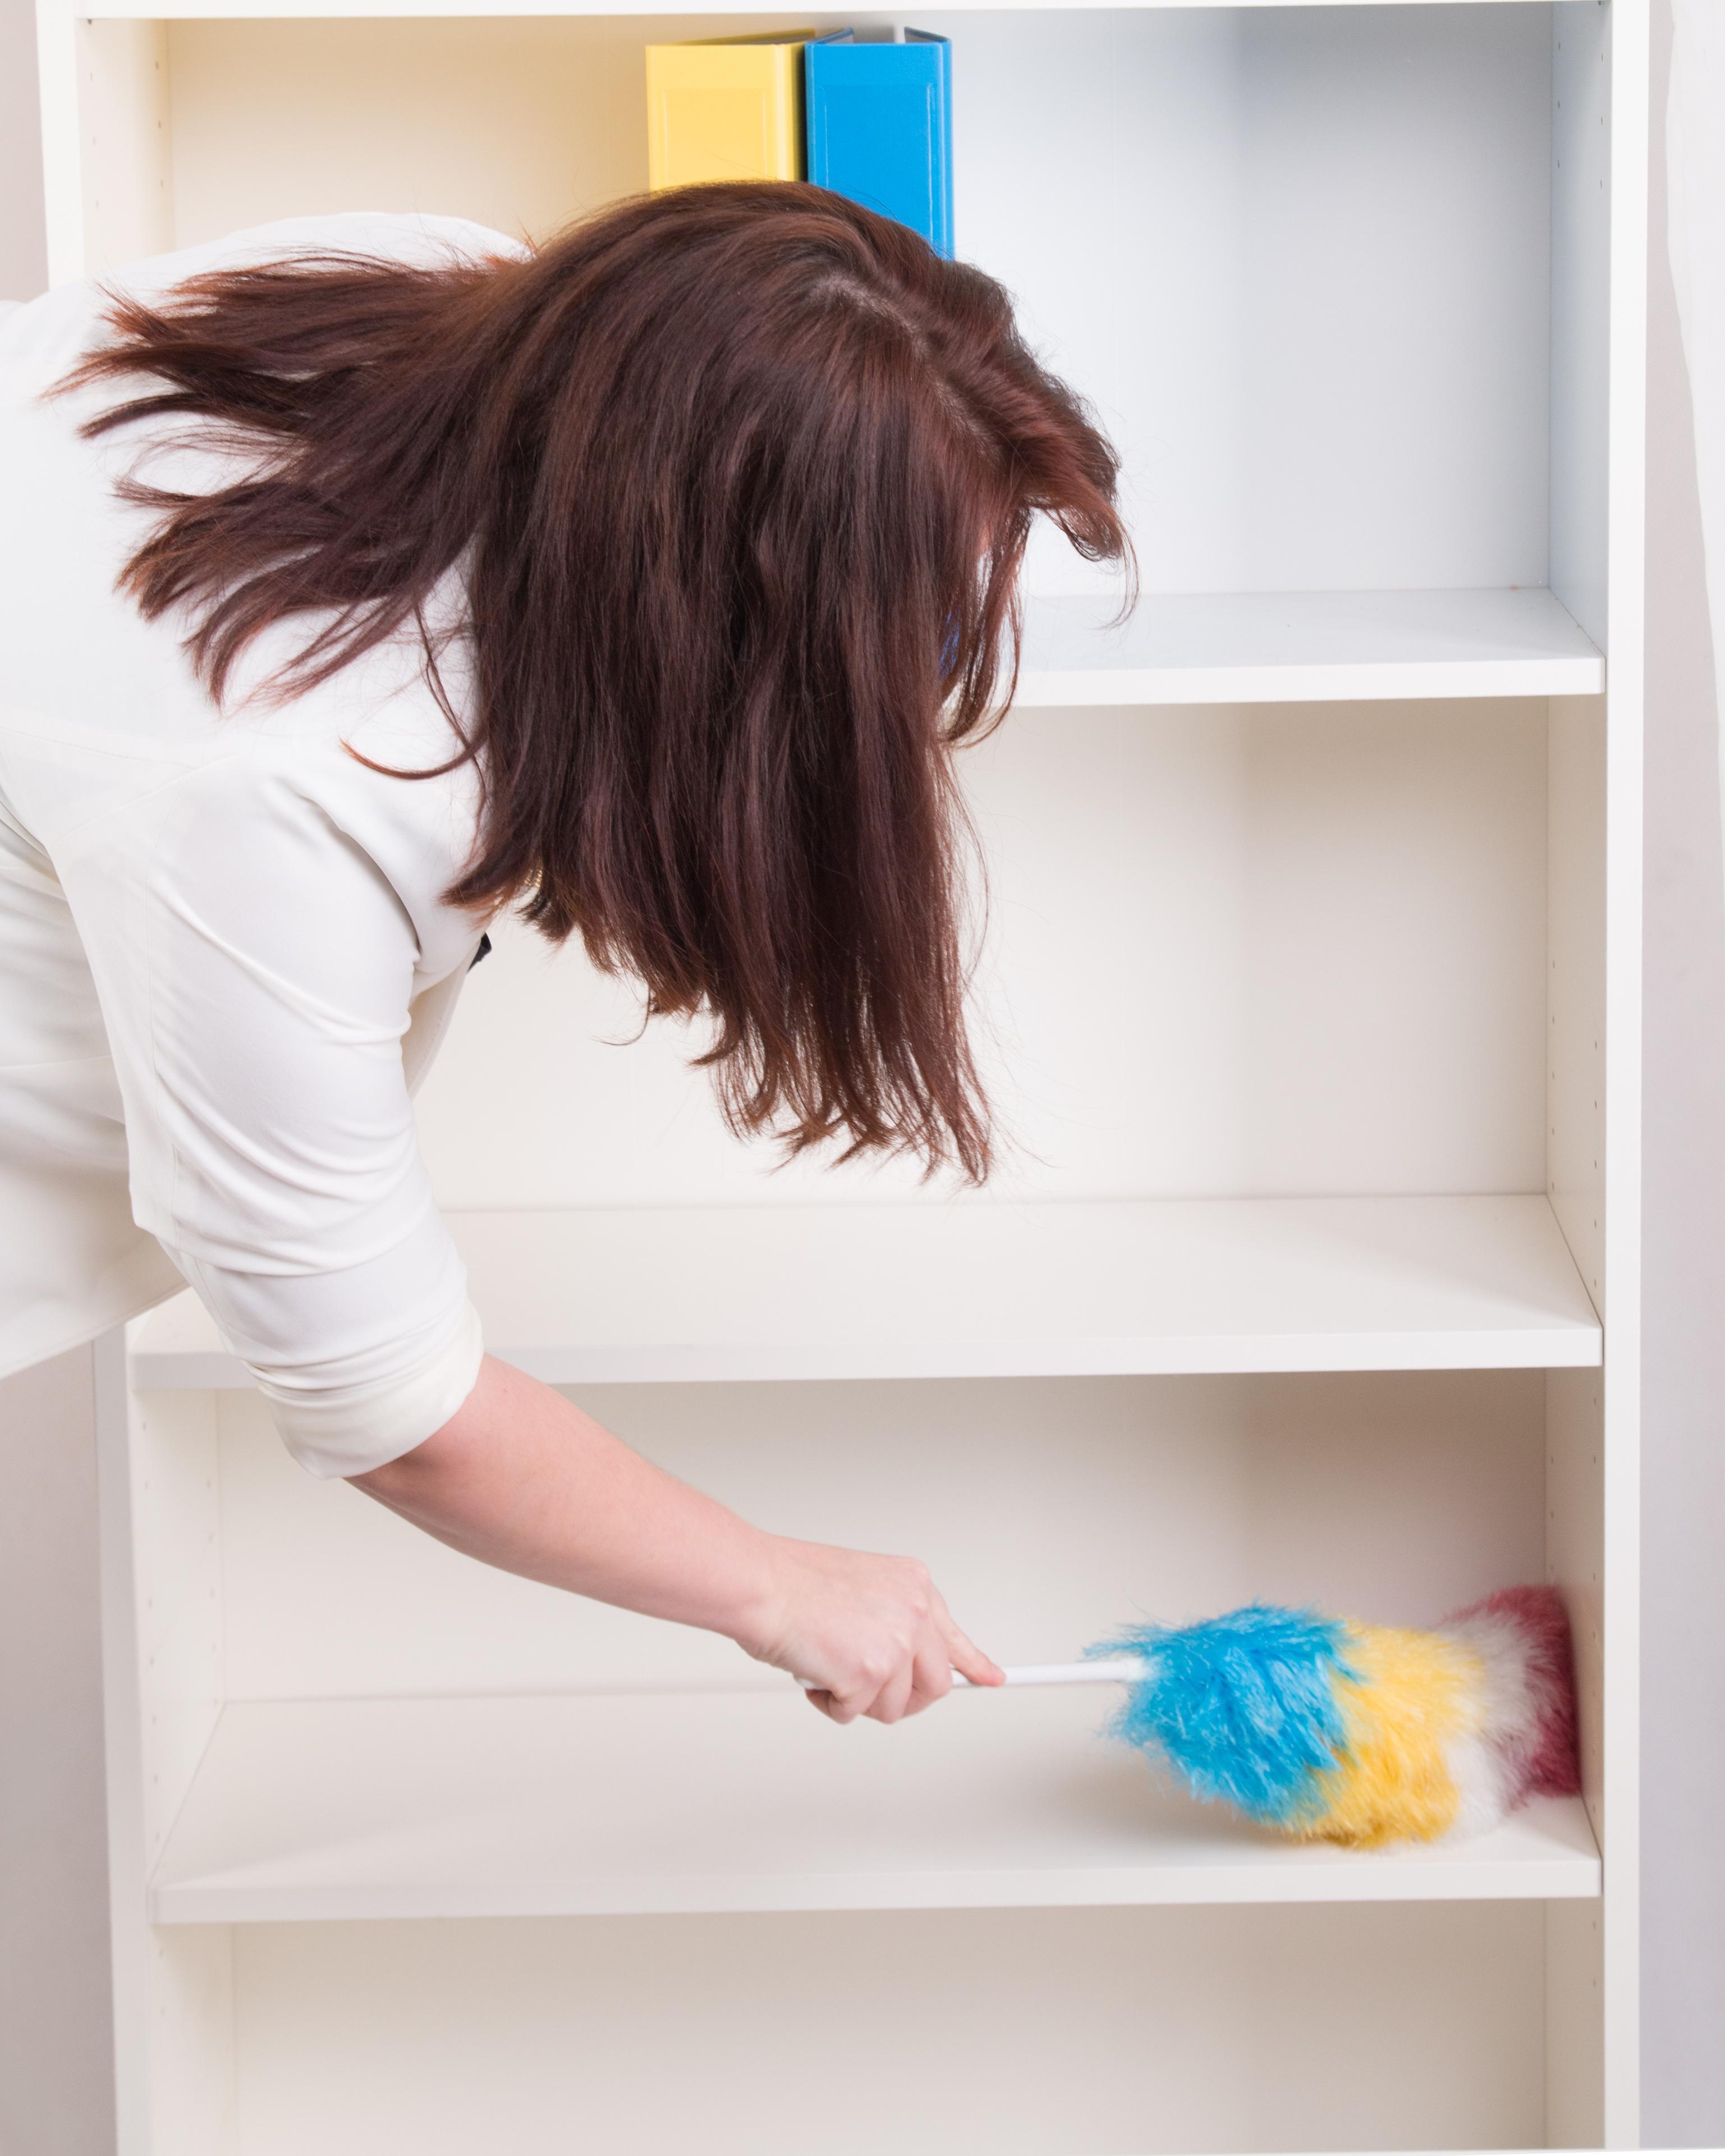 Para limpiar los libreros se recomienda retirar todos los libros, para igualmente limpiarlos, y volver a colocarlos en su lugar.